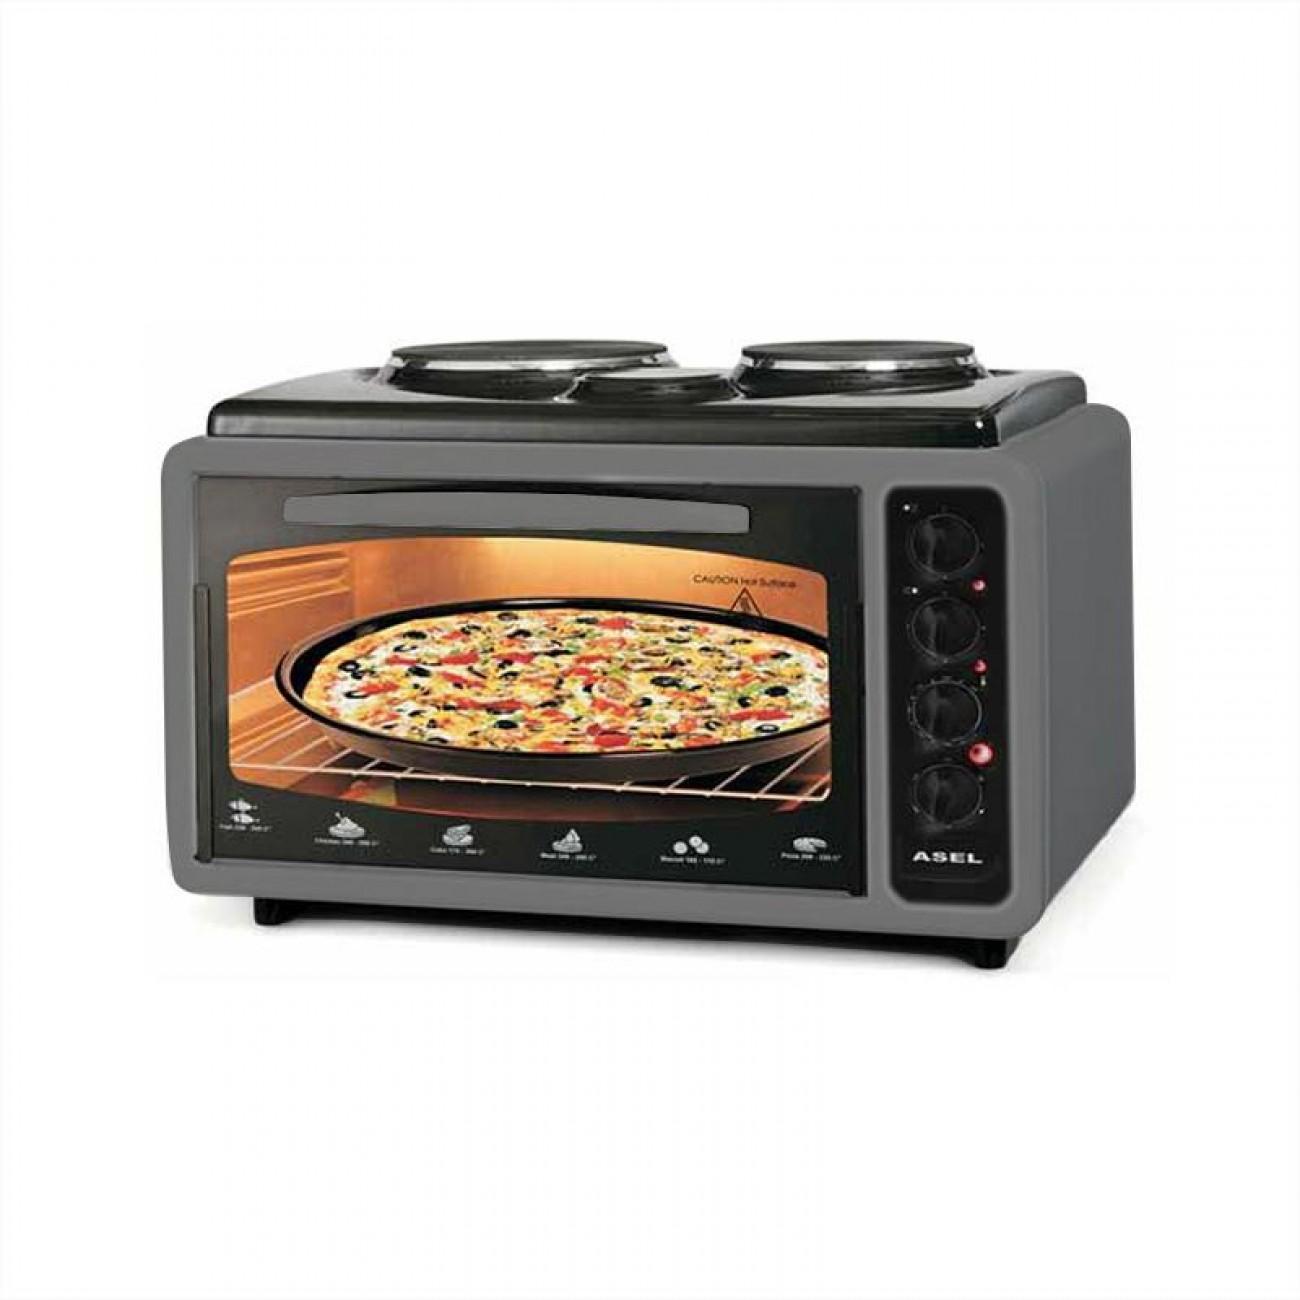 Готварска печка - фурна ASEL AF 4025, 40 л., 3100W, 2 нагряващи плочи, Тави 2 бр, Термостат, Сив в Готварски печки - ASEL | Alleop